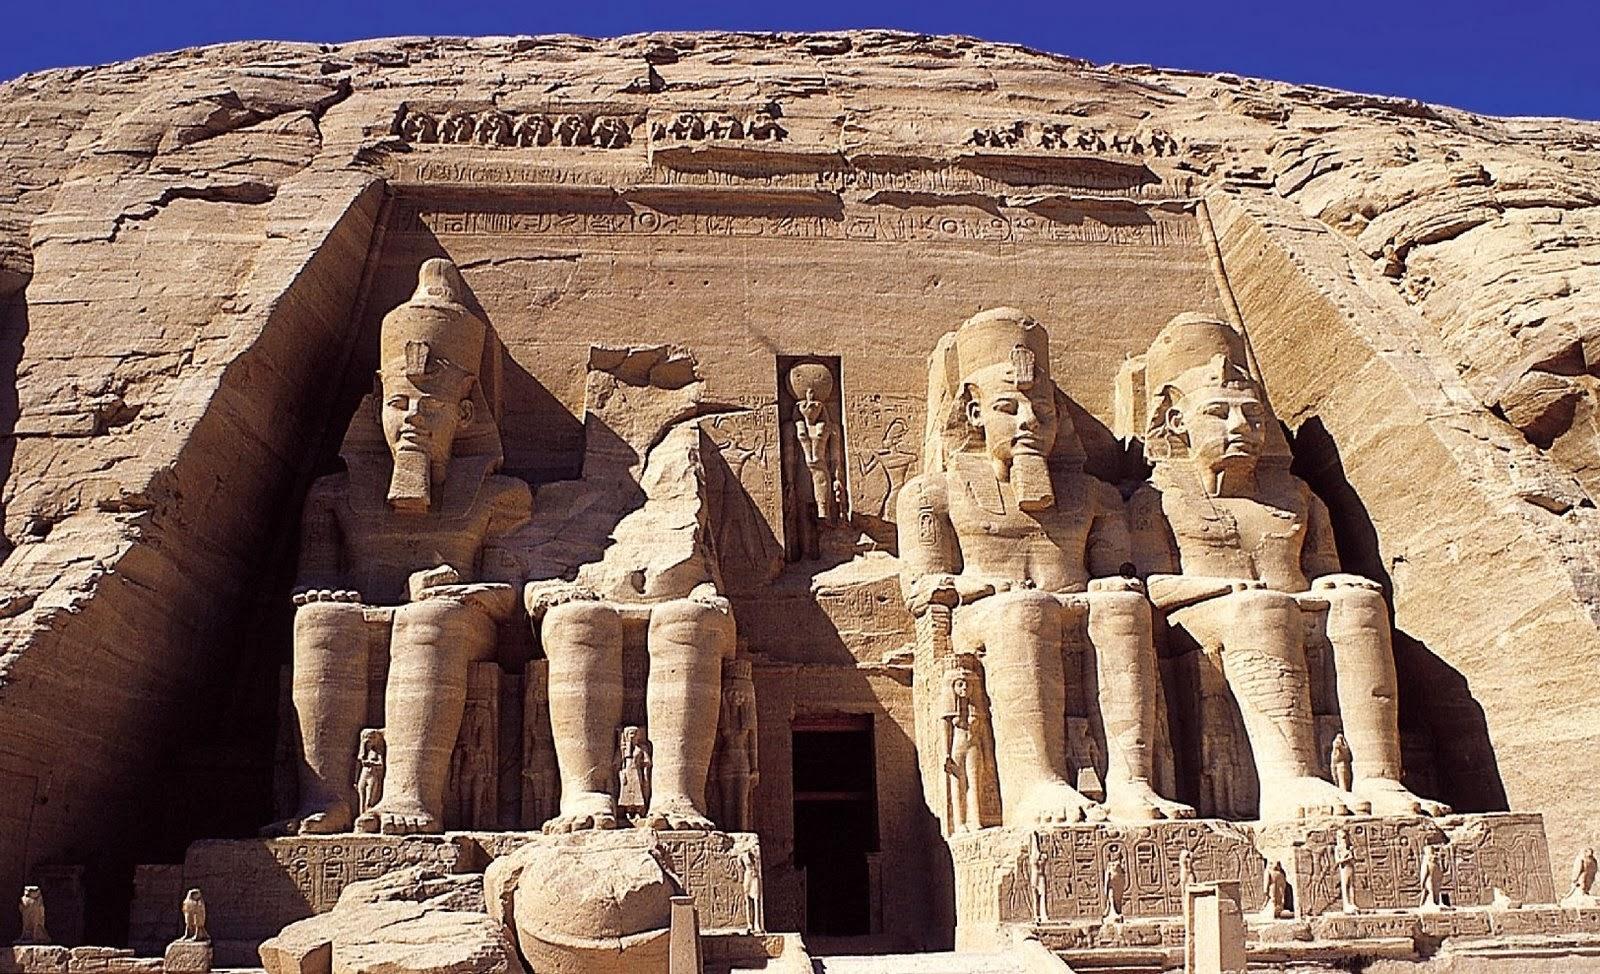 Resultado de imagen para Fotos del rostro de Ramsés II (de 20 toneladas) en el templo de Abu Simbel